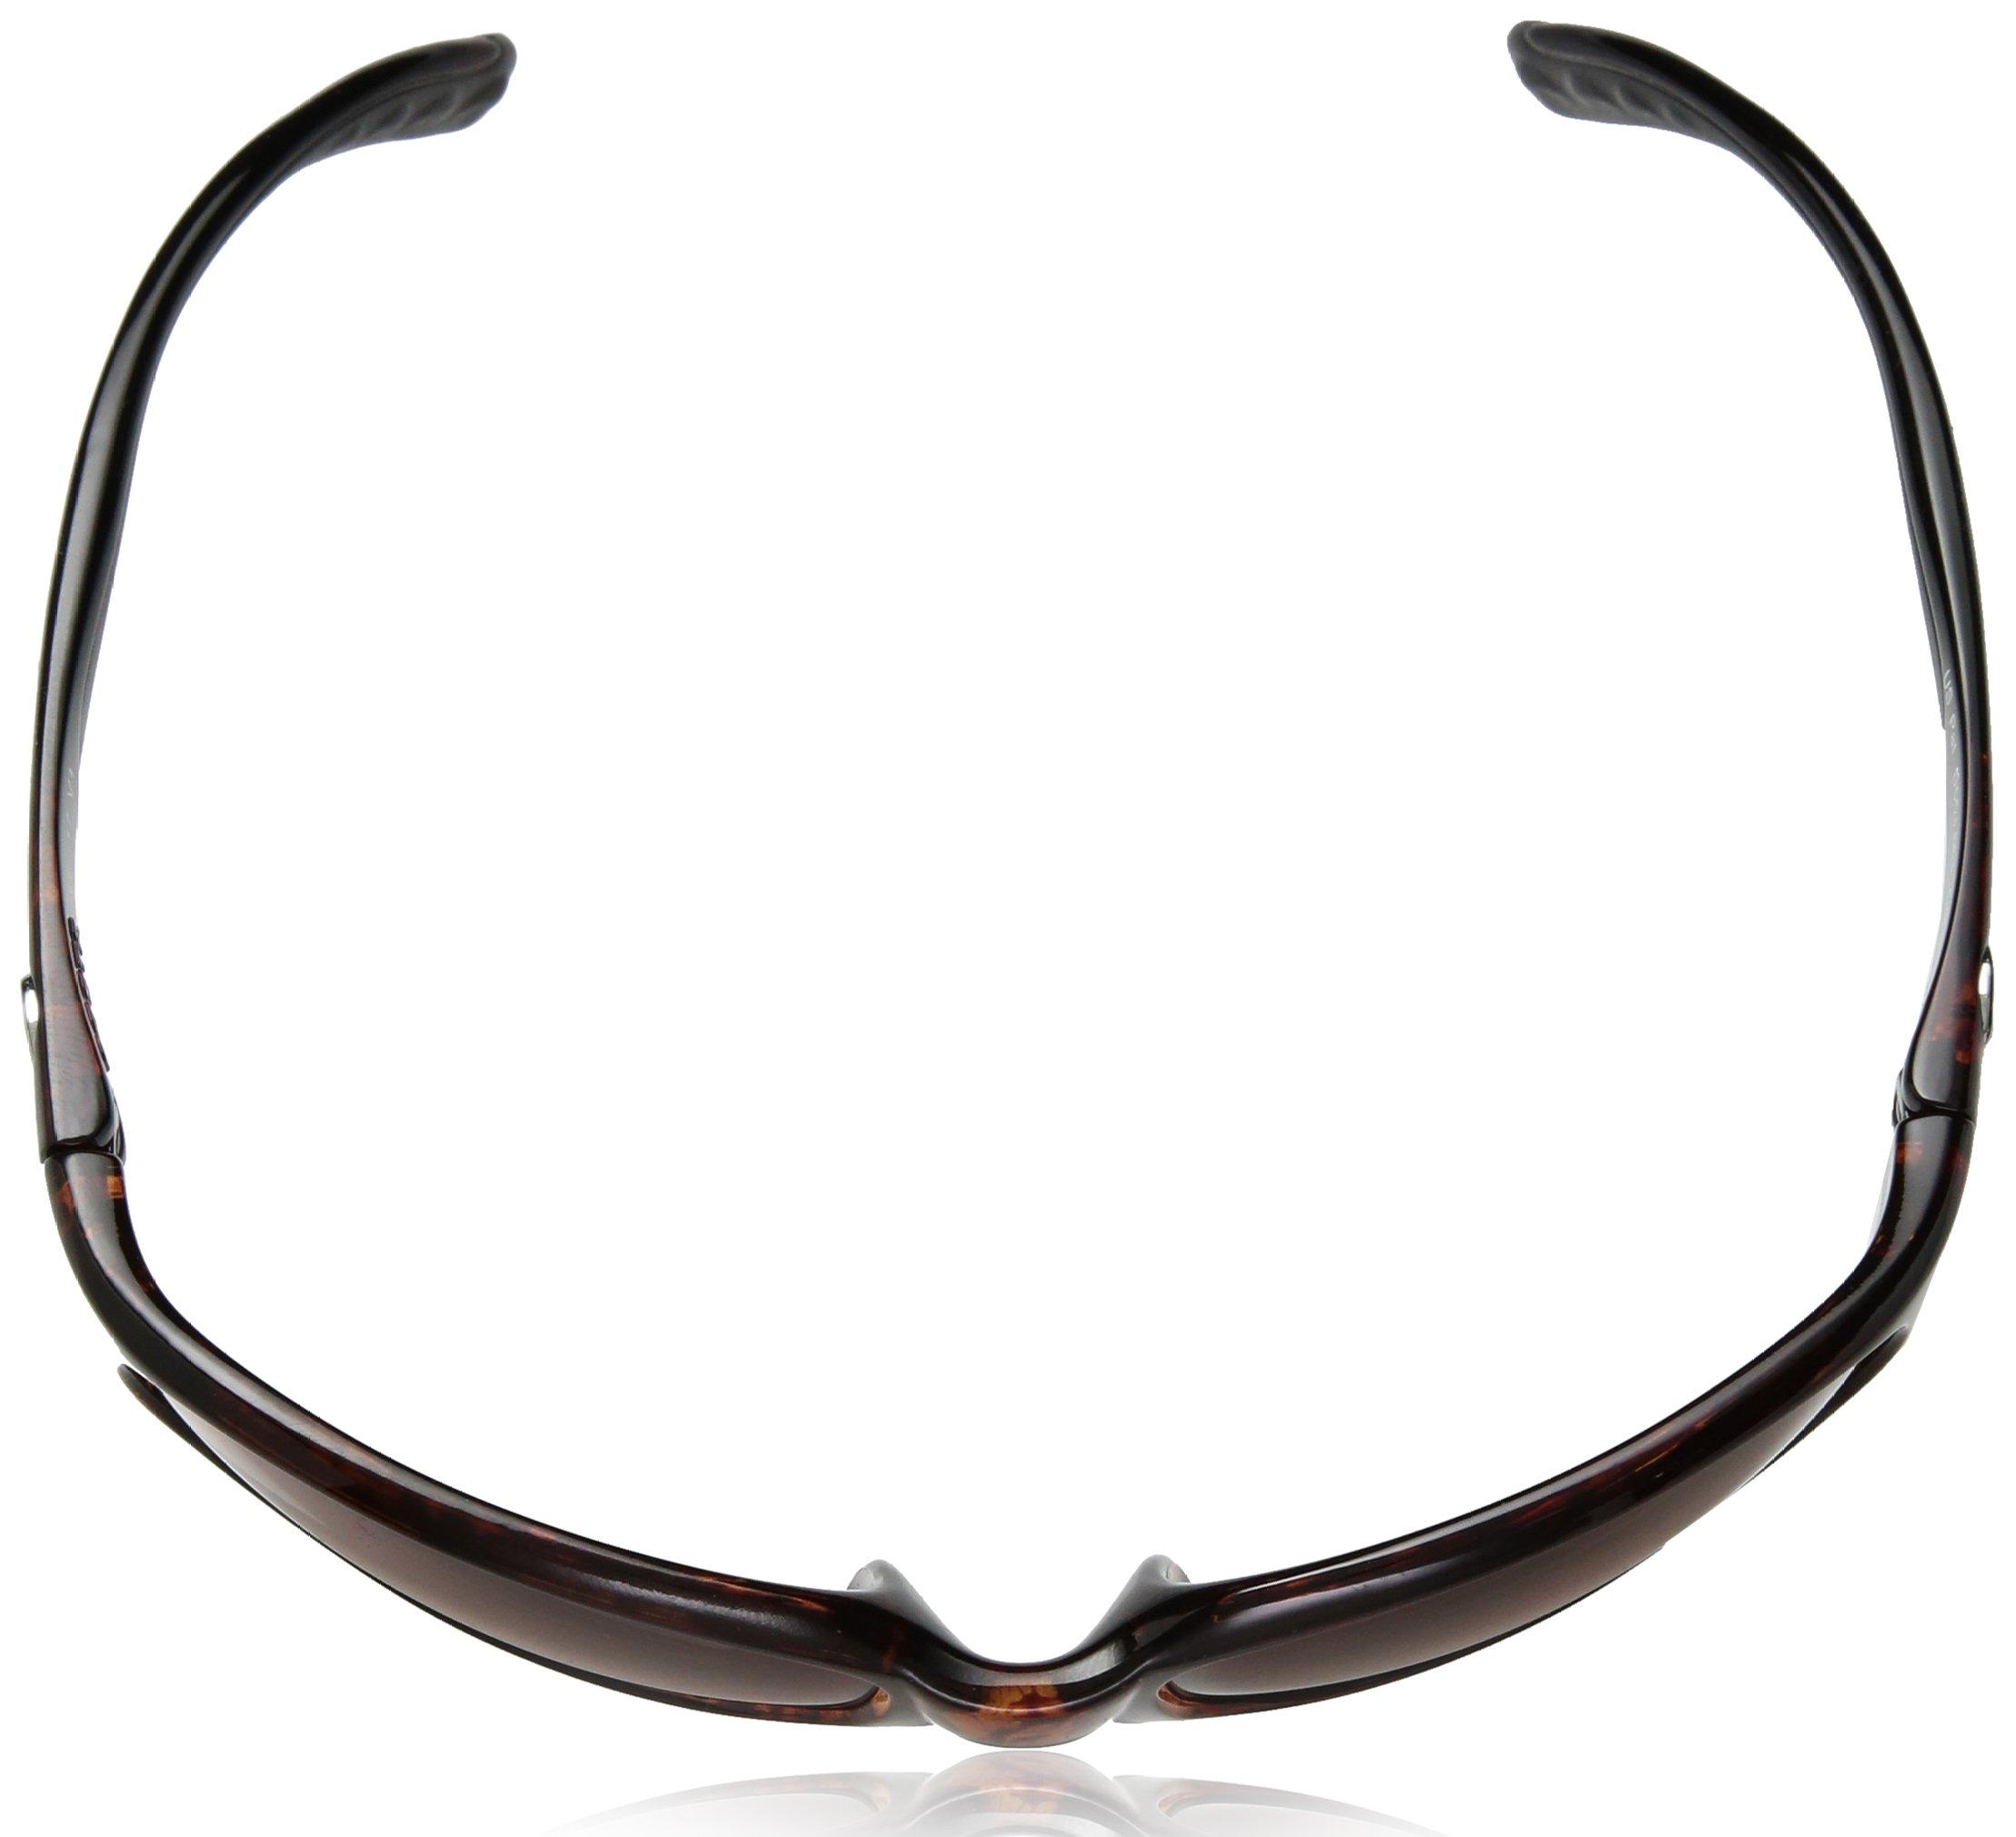 c4c9006b8d Costa Del Mar Brine Sunglasses - BR 11 OBMGLP   Sunglasses   Clothing